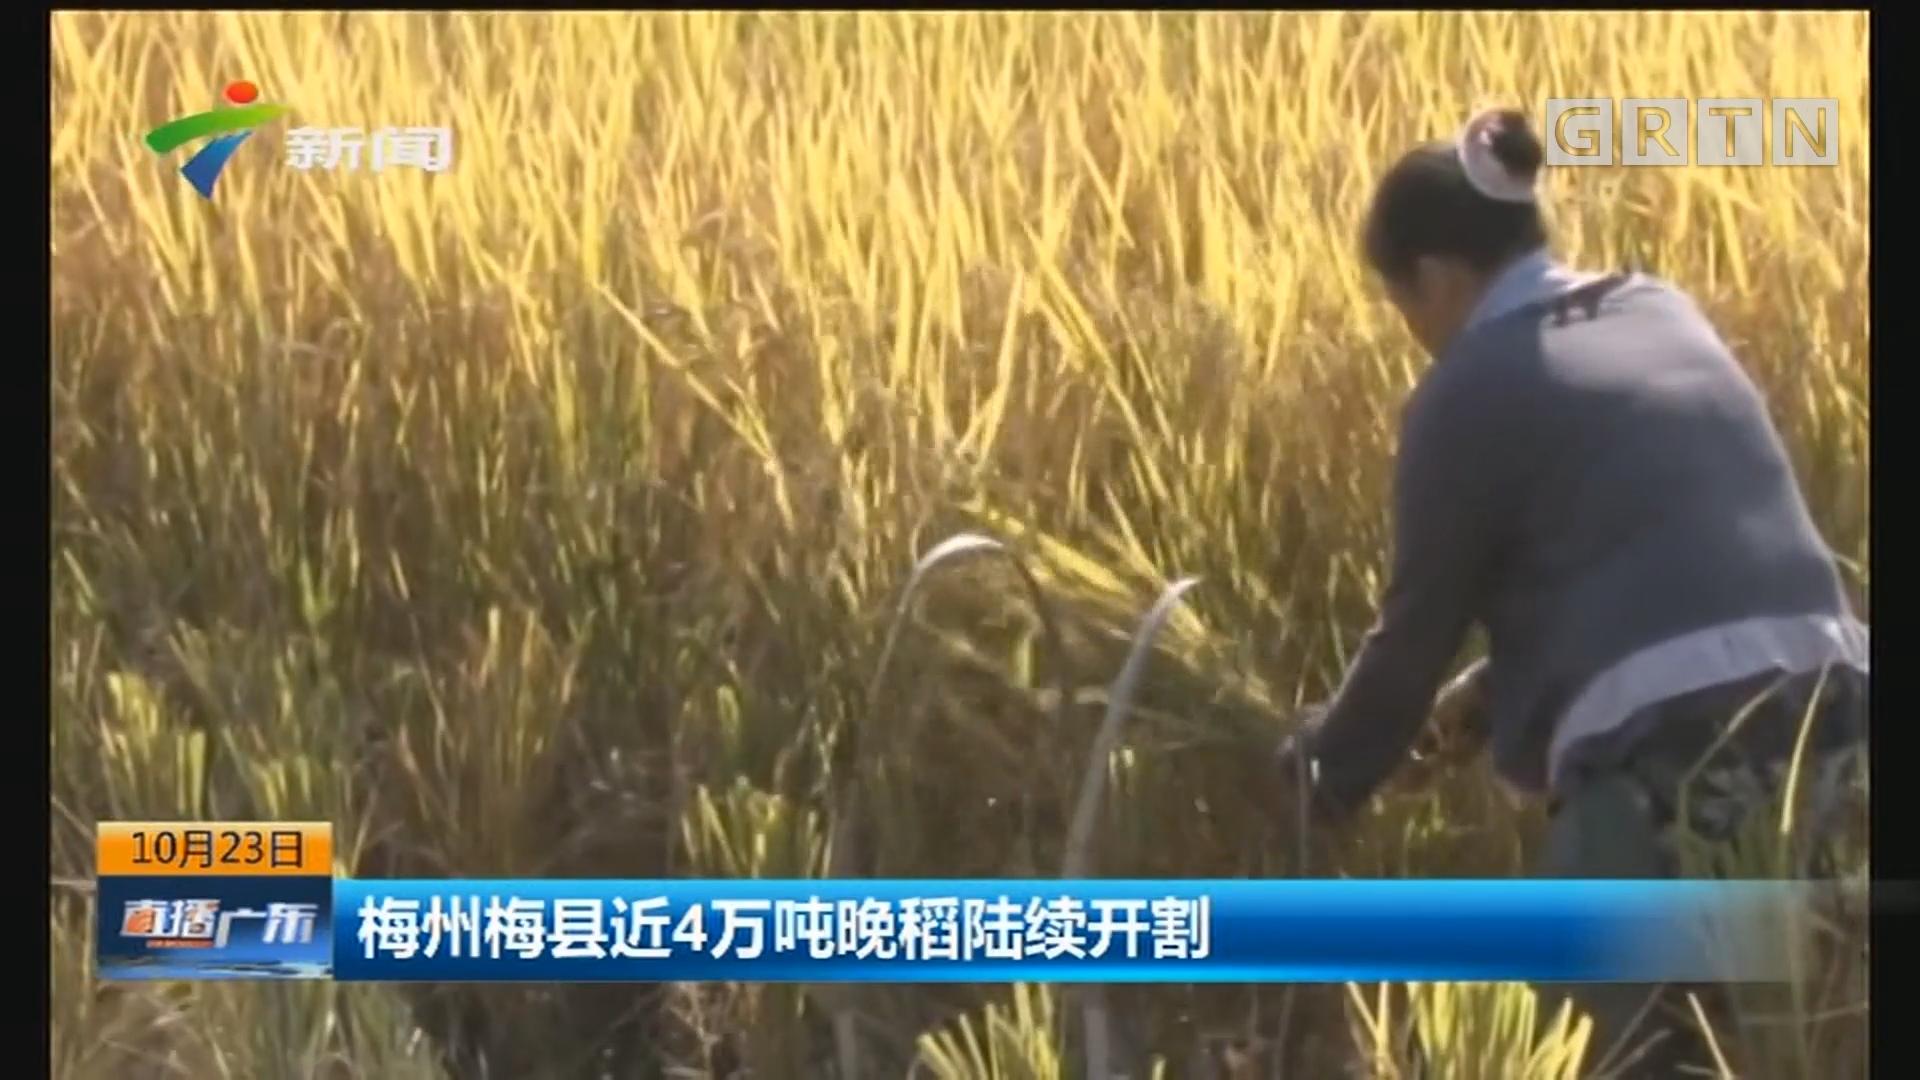 梅州梅县近4万吨晚稻陆续开割